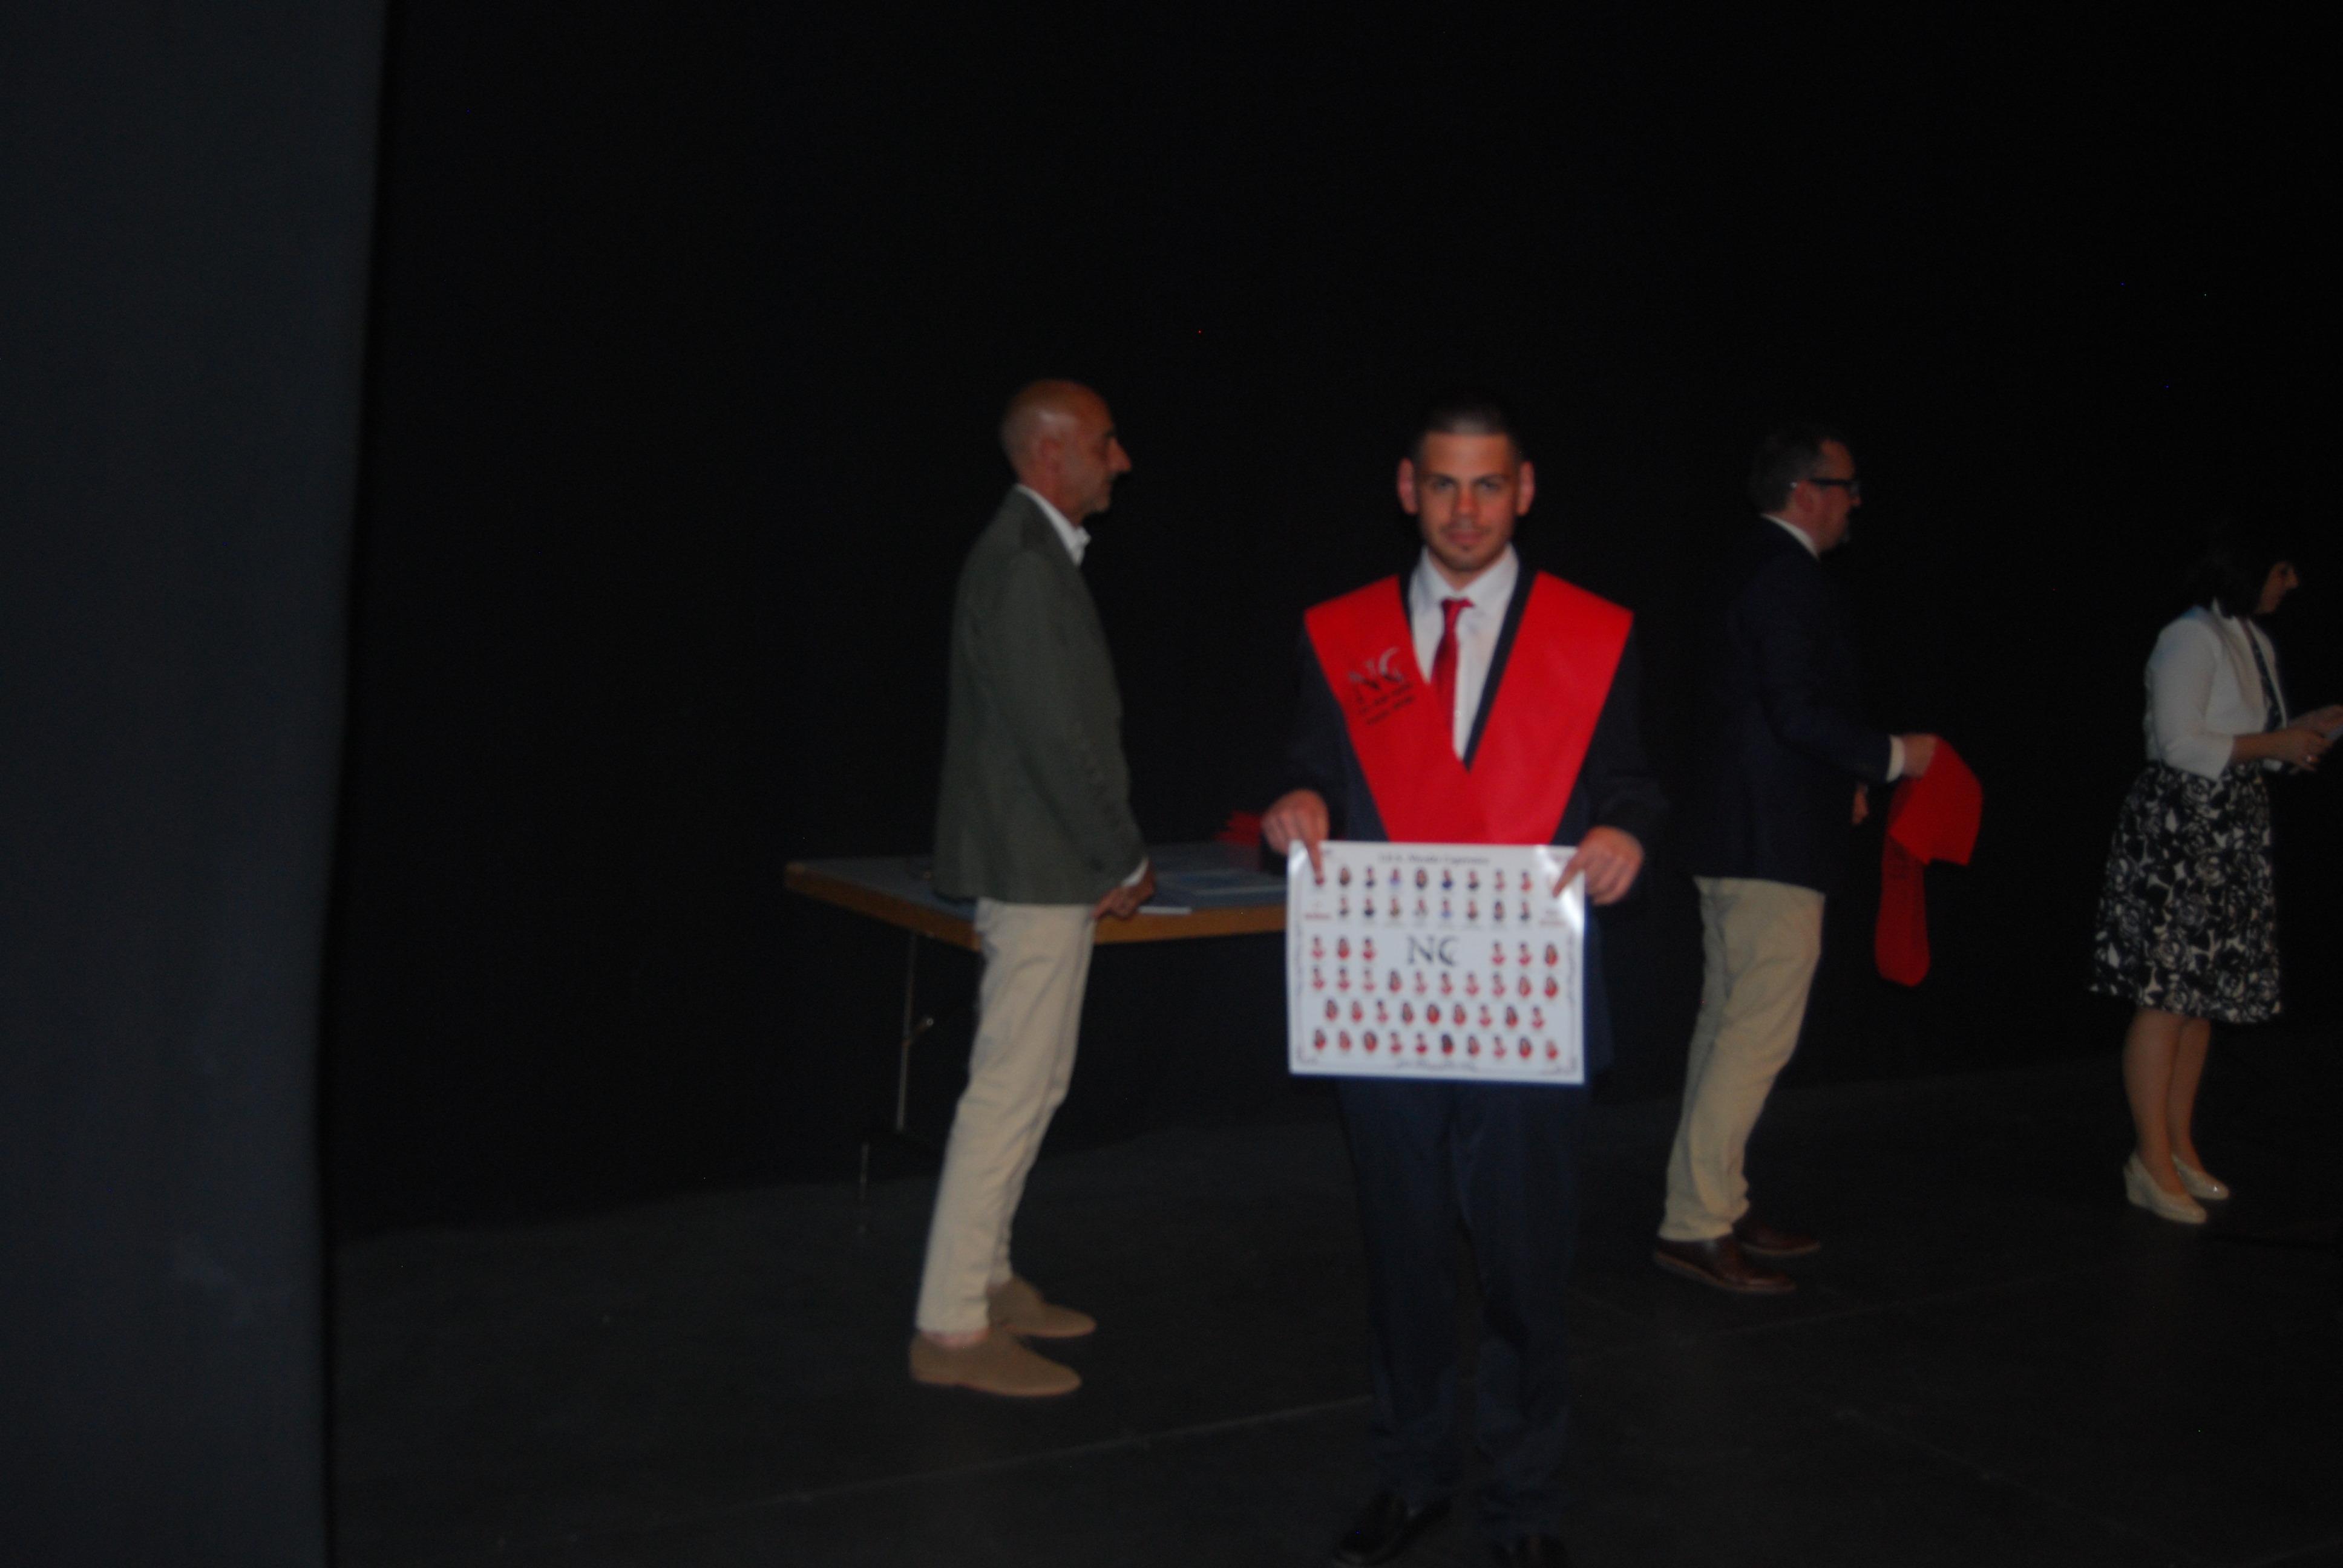 Graduación - 2º Bachillerato - Curso 2017/18 - Álbum # 3 19